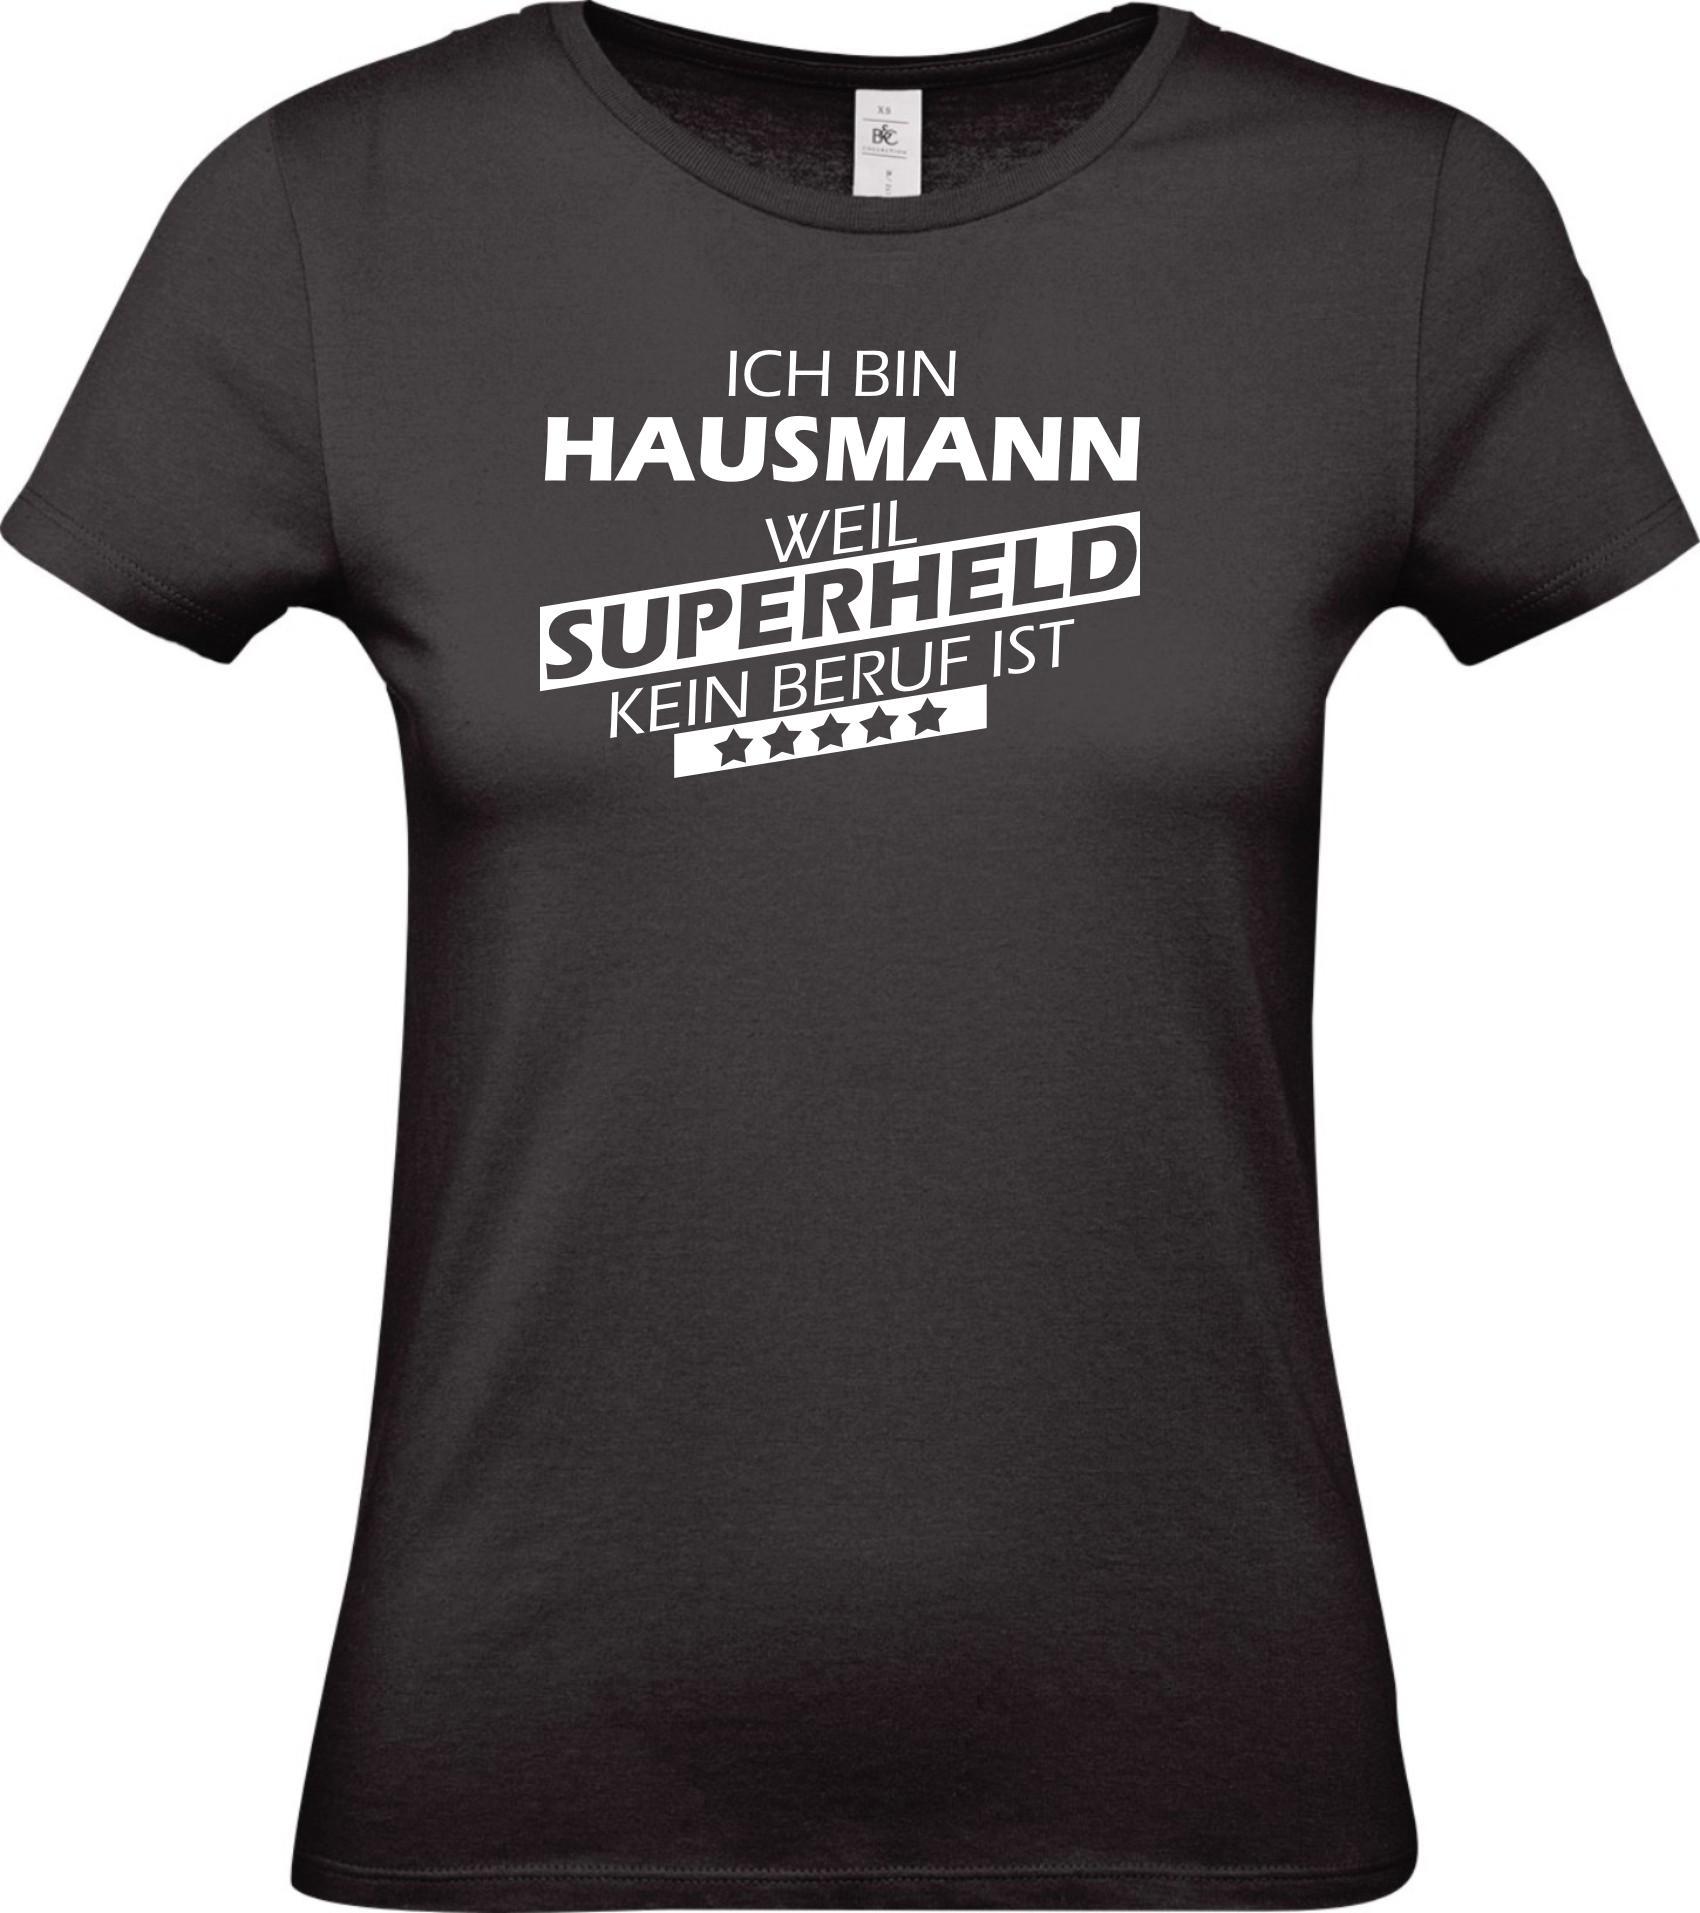 Lady-T-Shirt-Ich-bin-Hausmann-weil-Superheld-kein-Beruf-ist